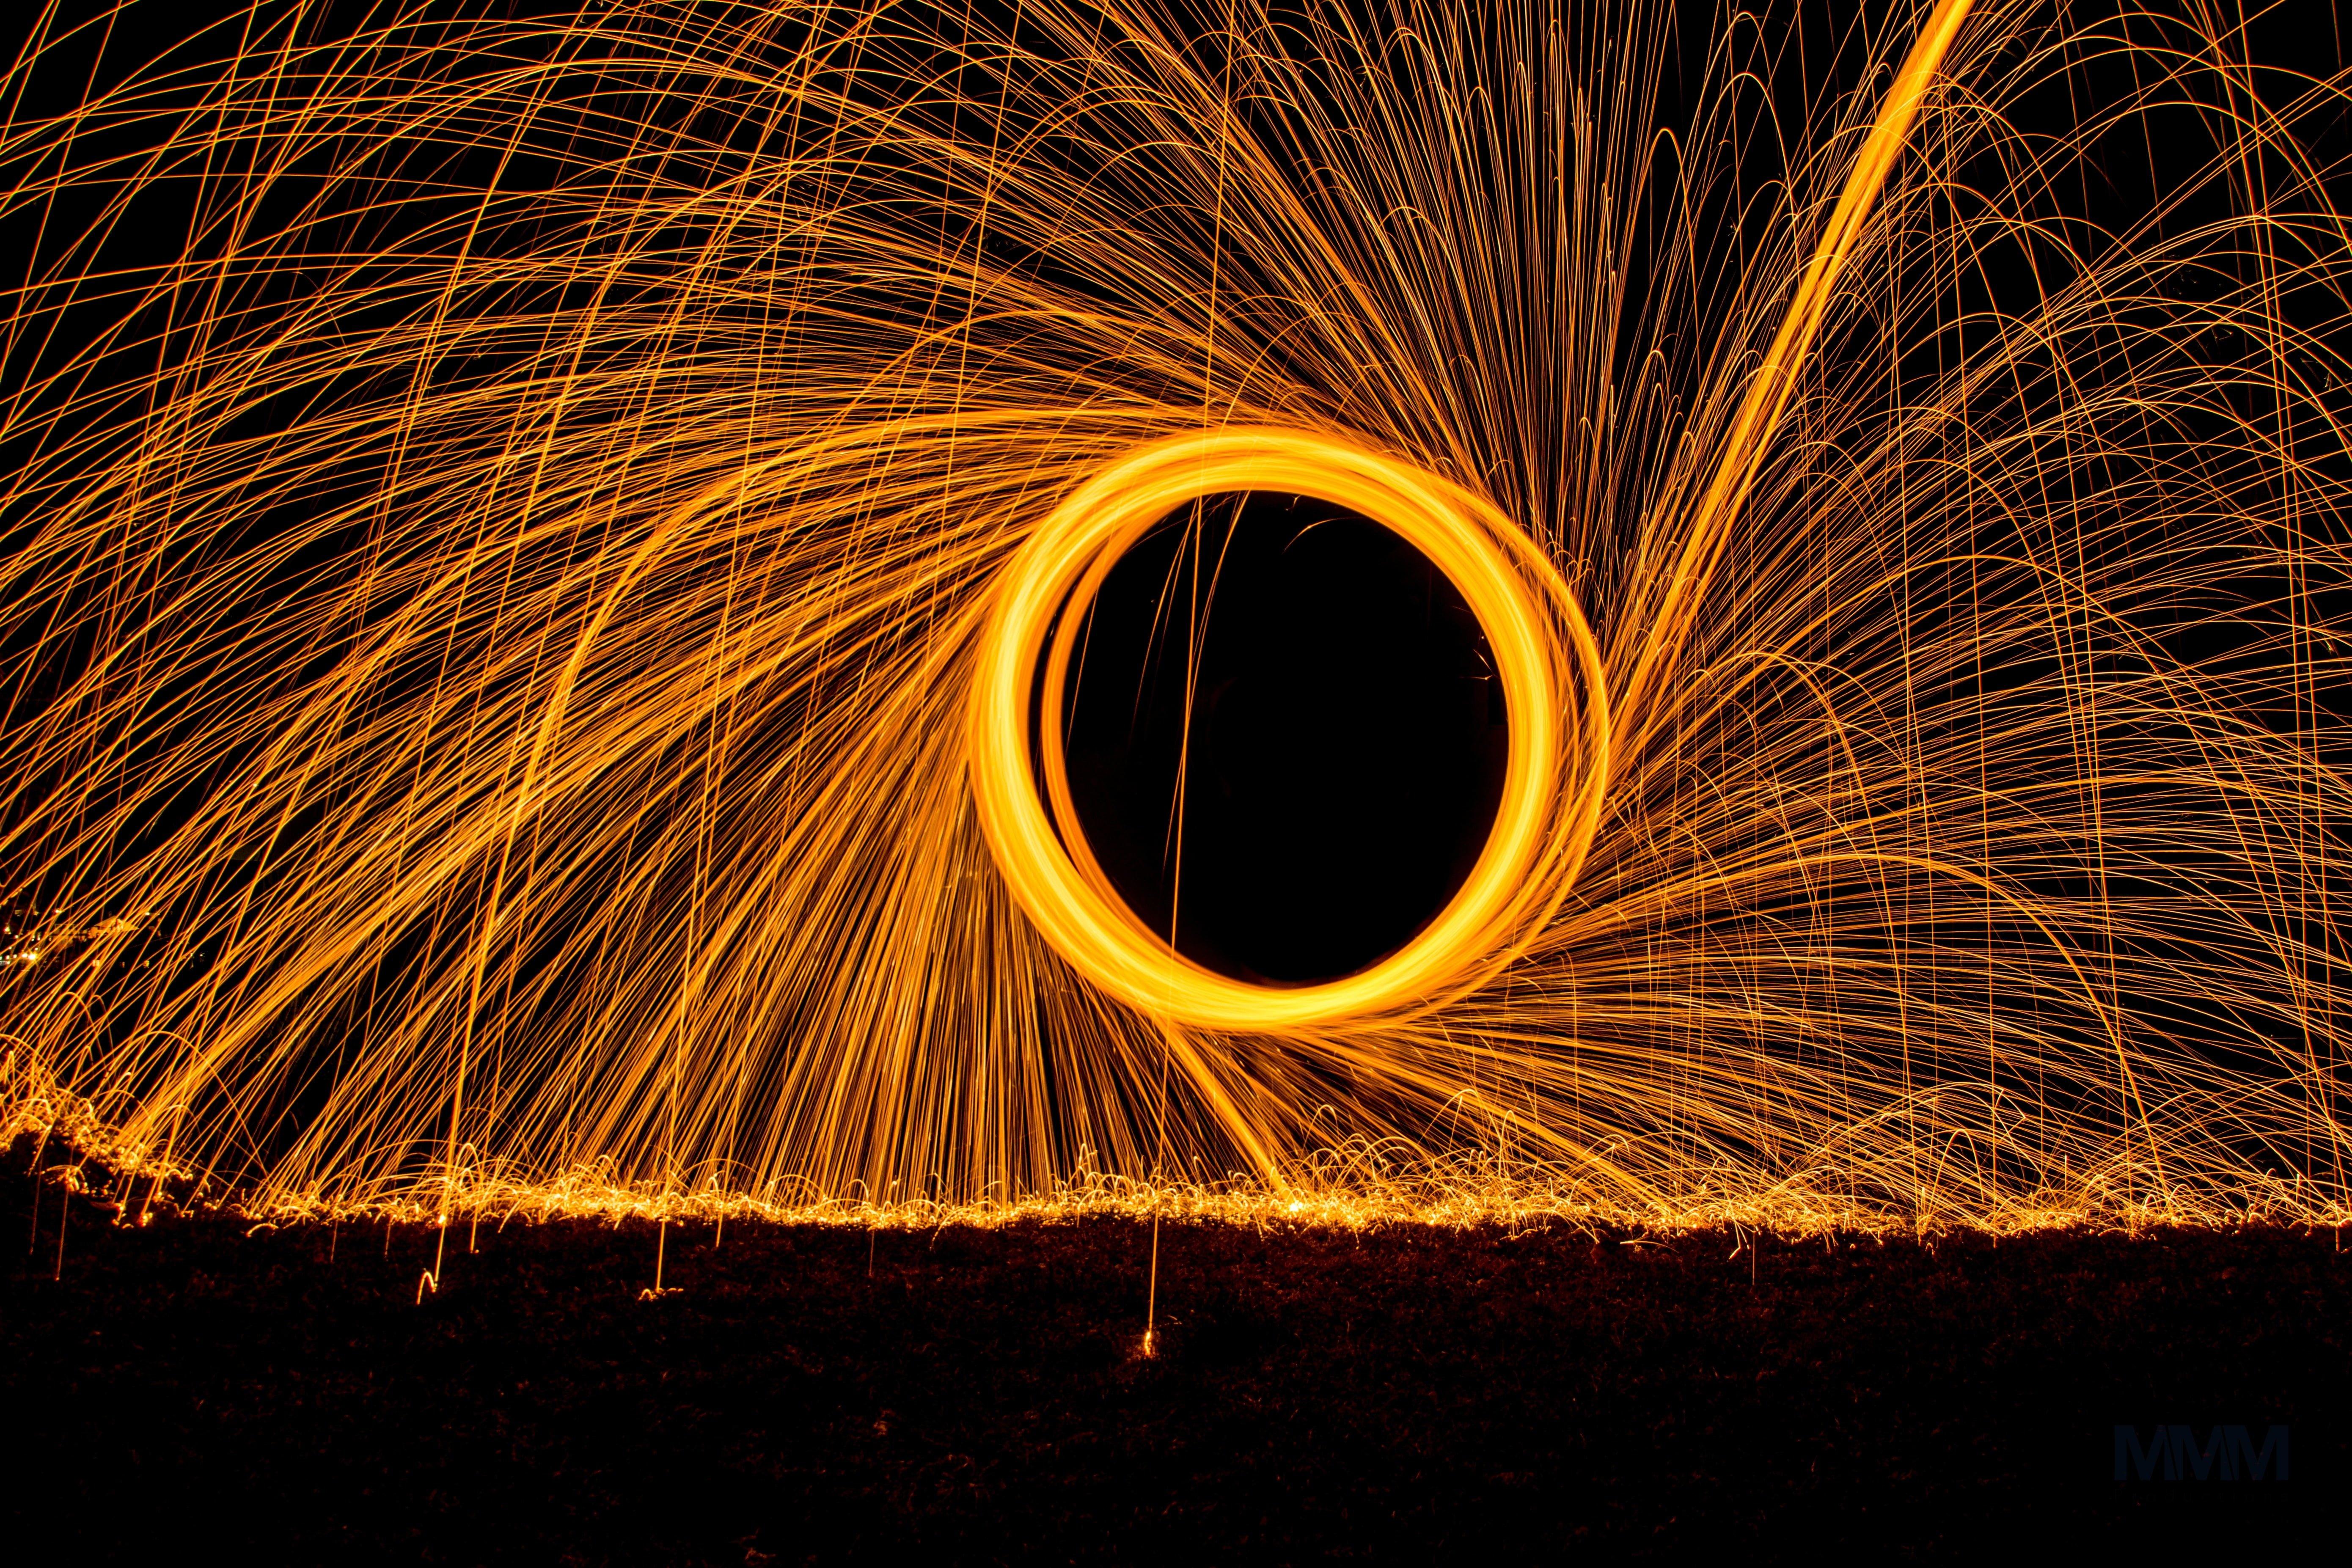 Prise dans un vortex spatio-temporel